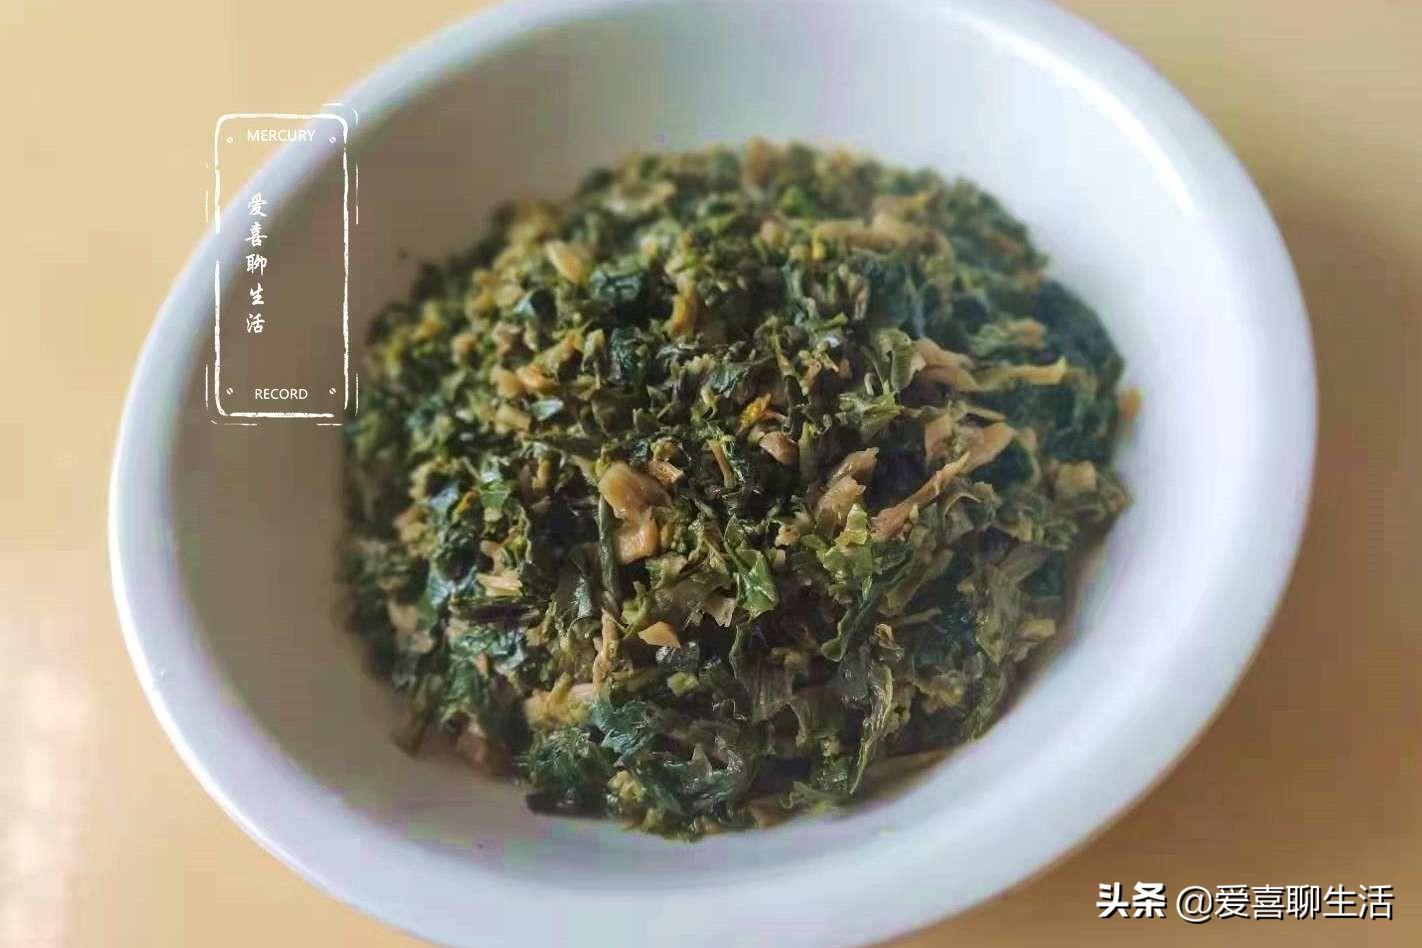 这食材在农村不起眼,城里却卖25一斤,锅中一炒清香脆嫩太美味 美食做法 第9张